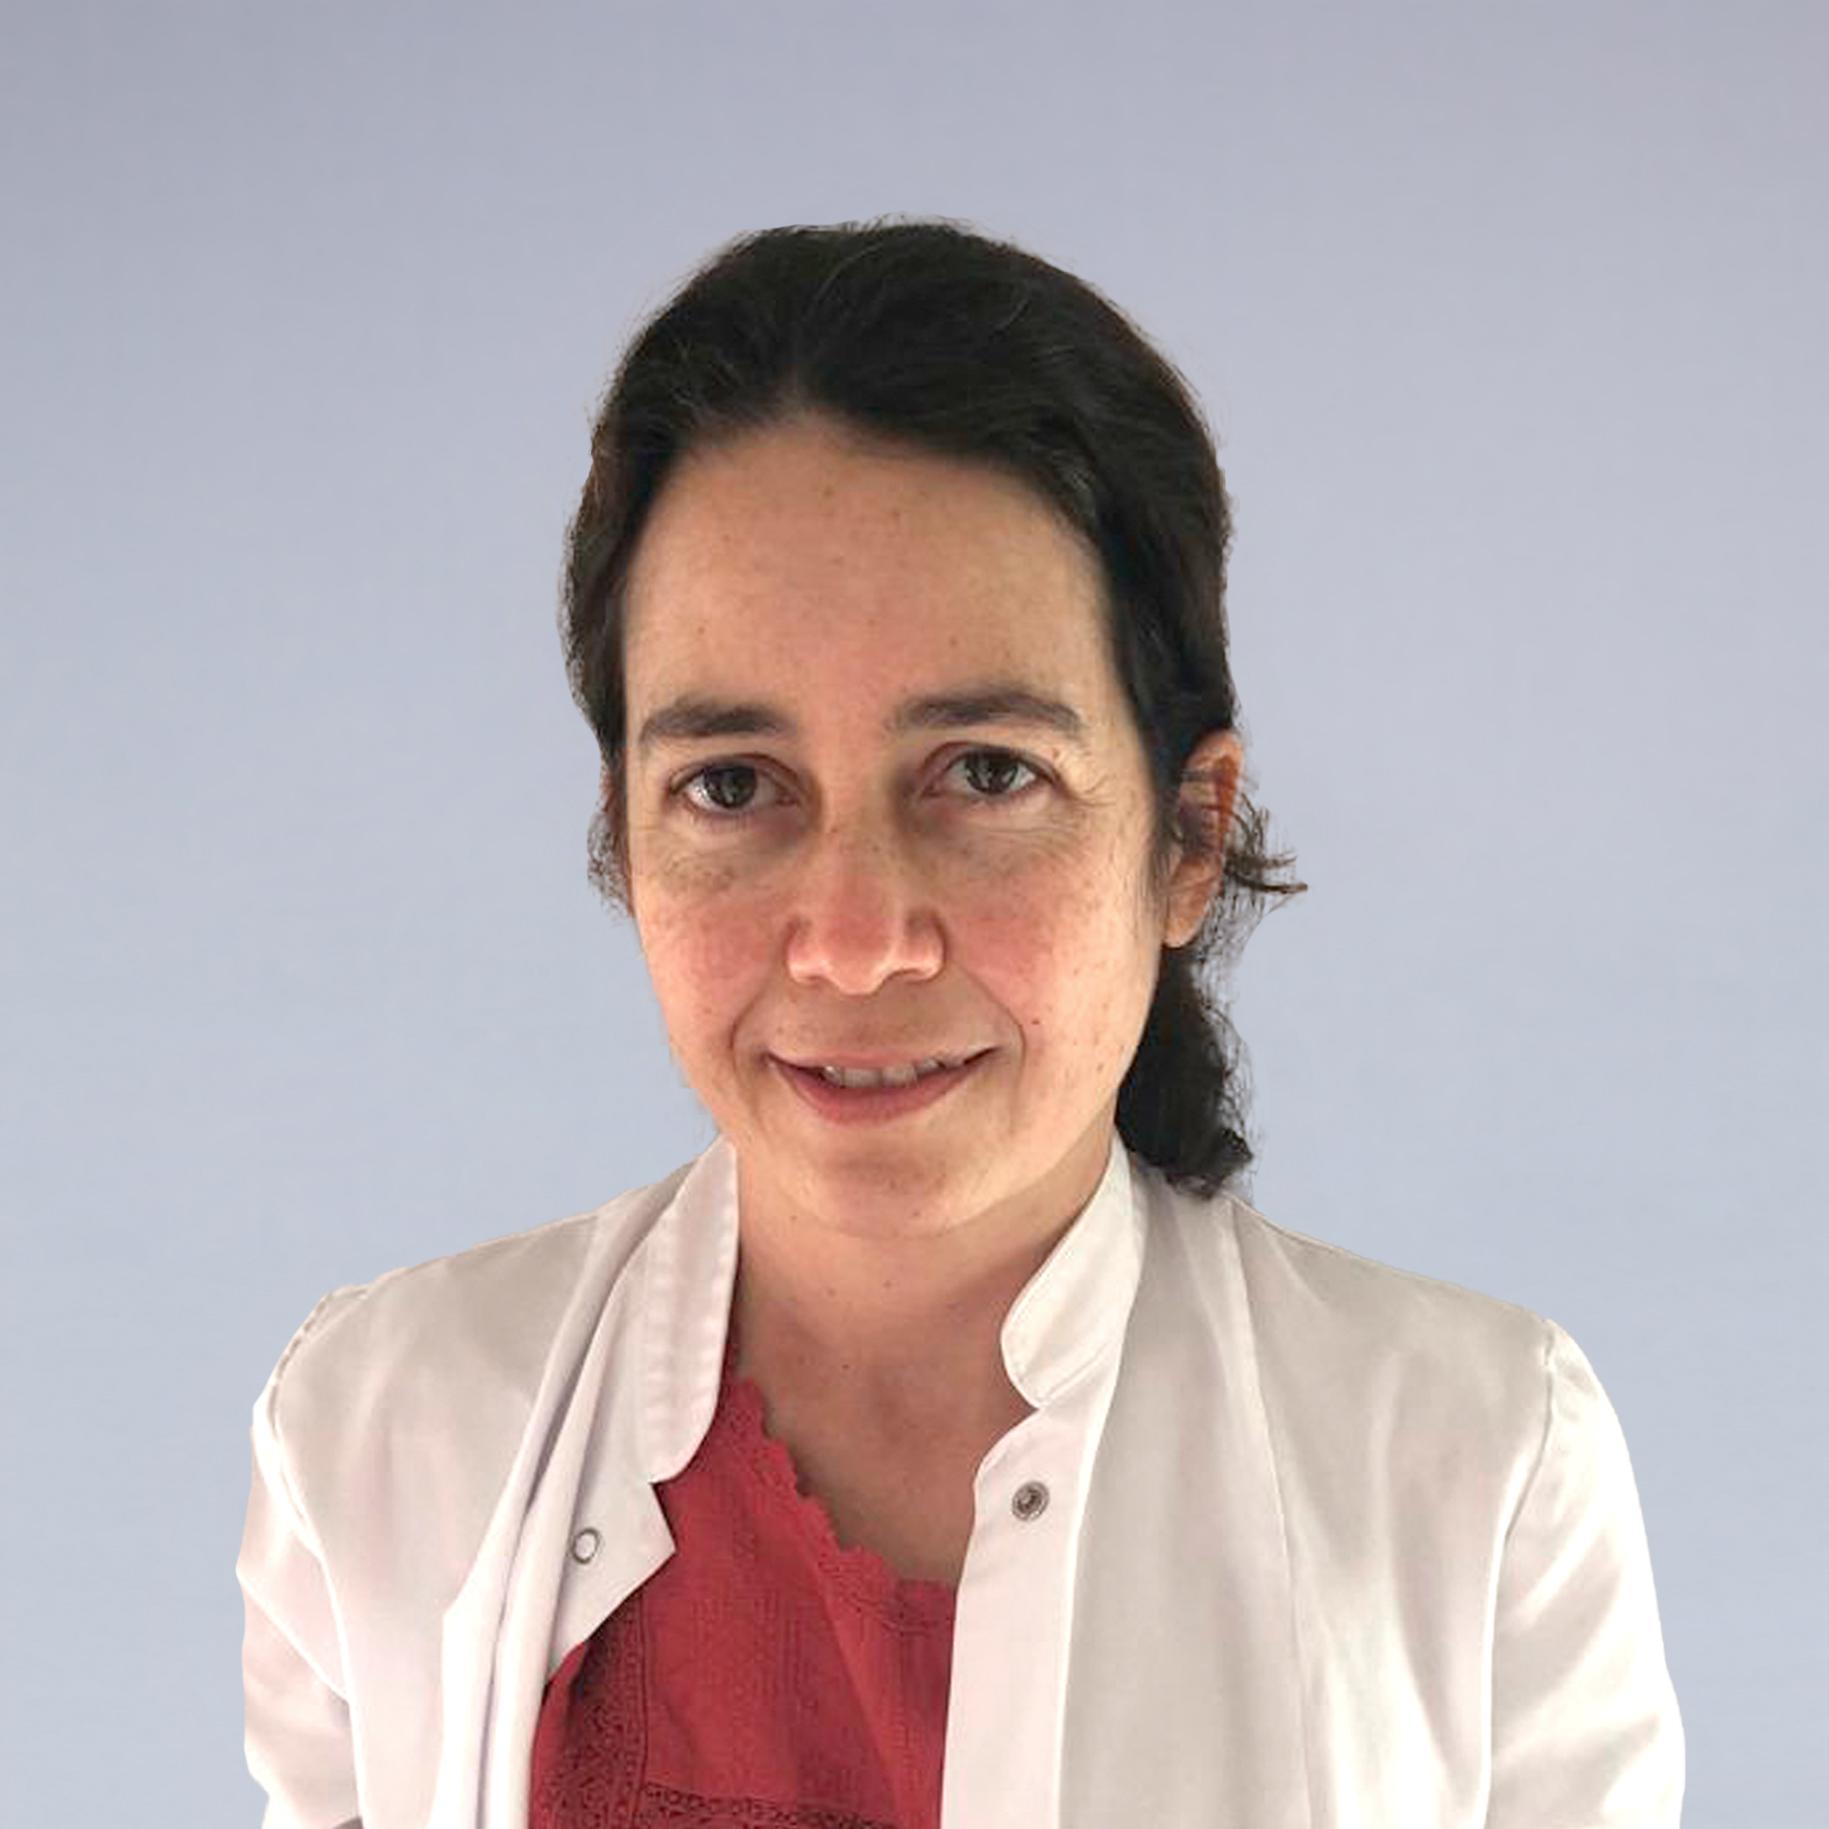 María Alemany Rodríguez